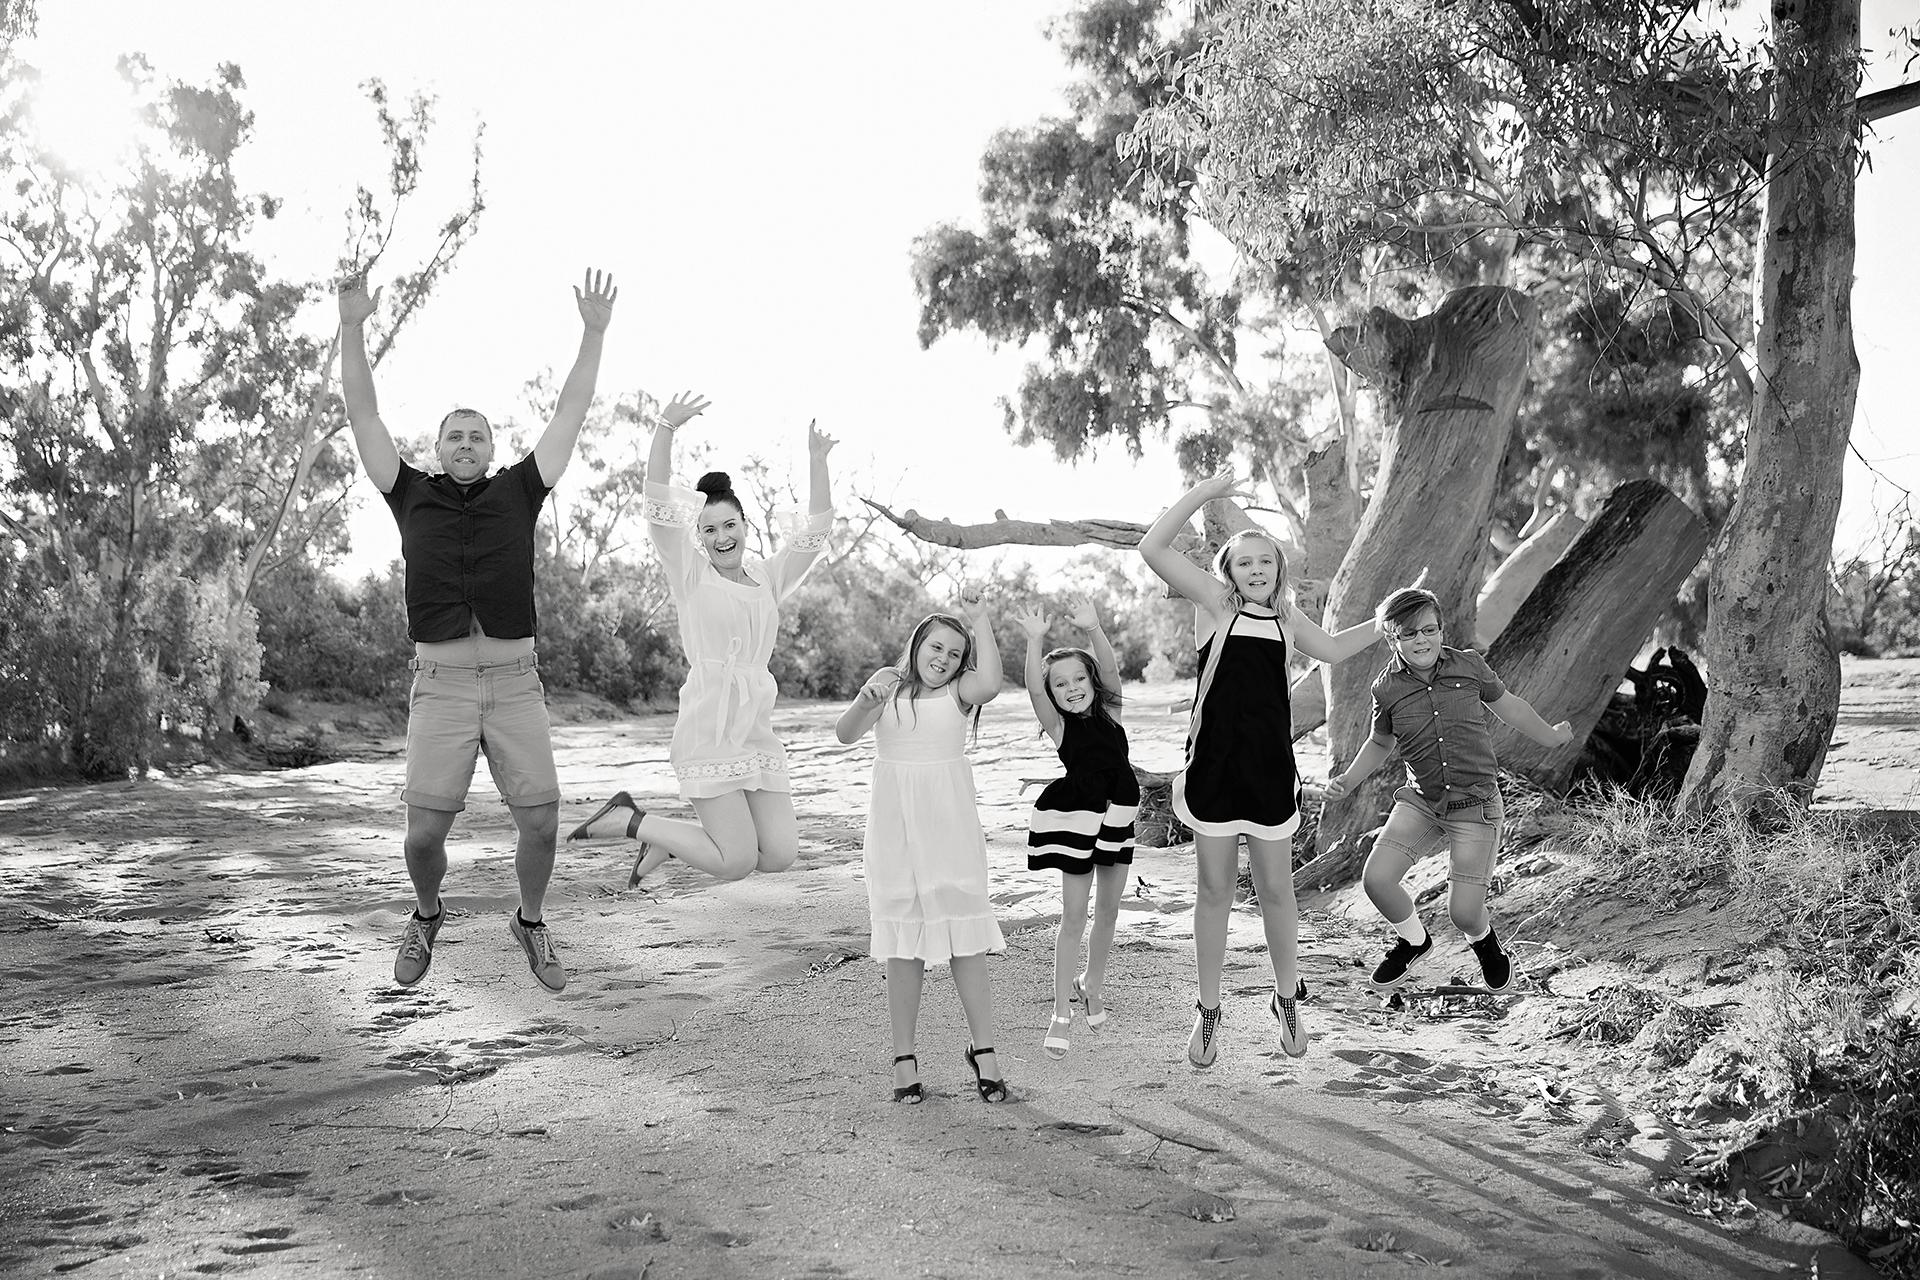 RagenovichFamilyPhotos2017-7Black&White.jpg